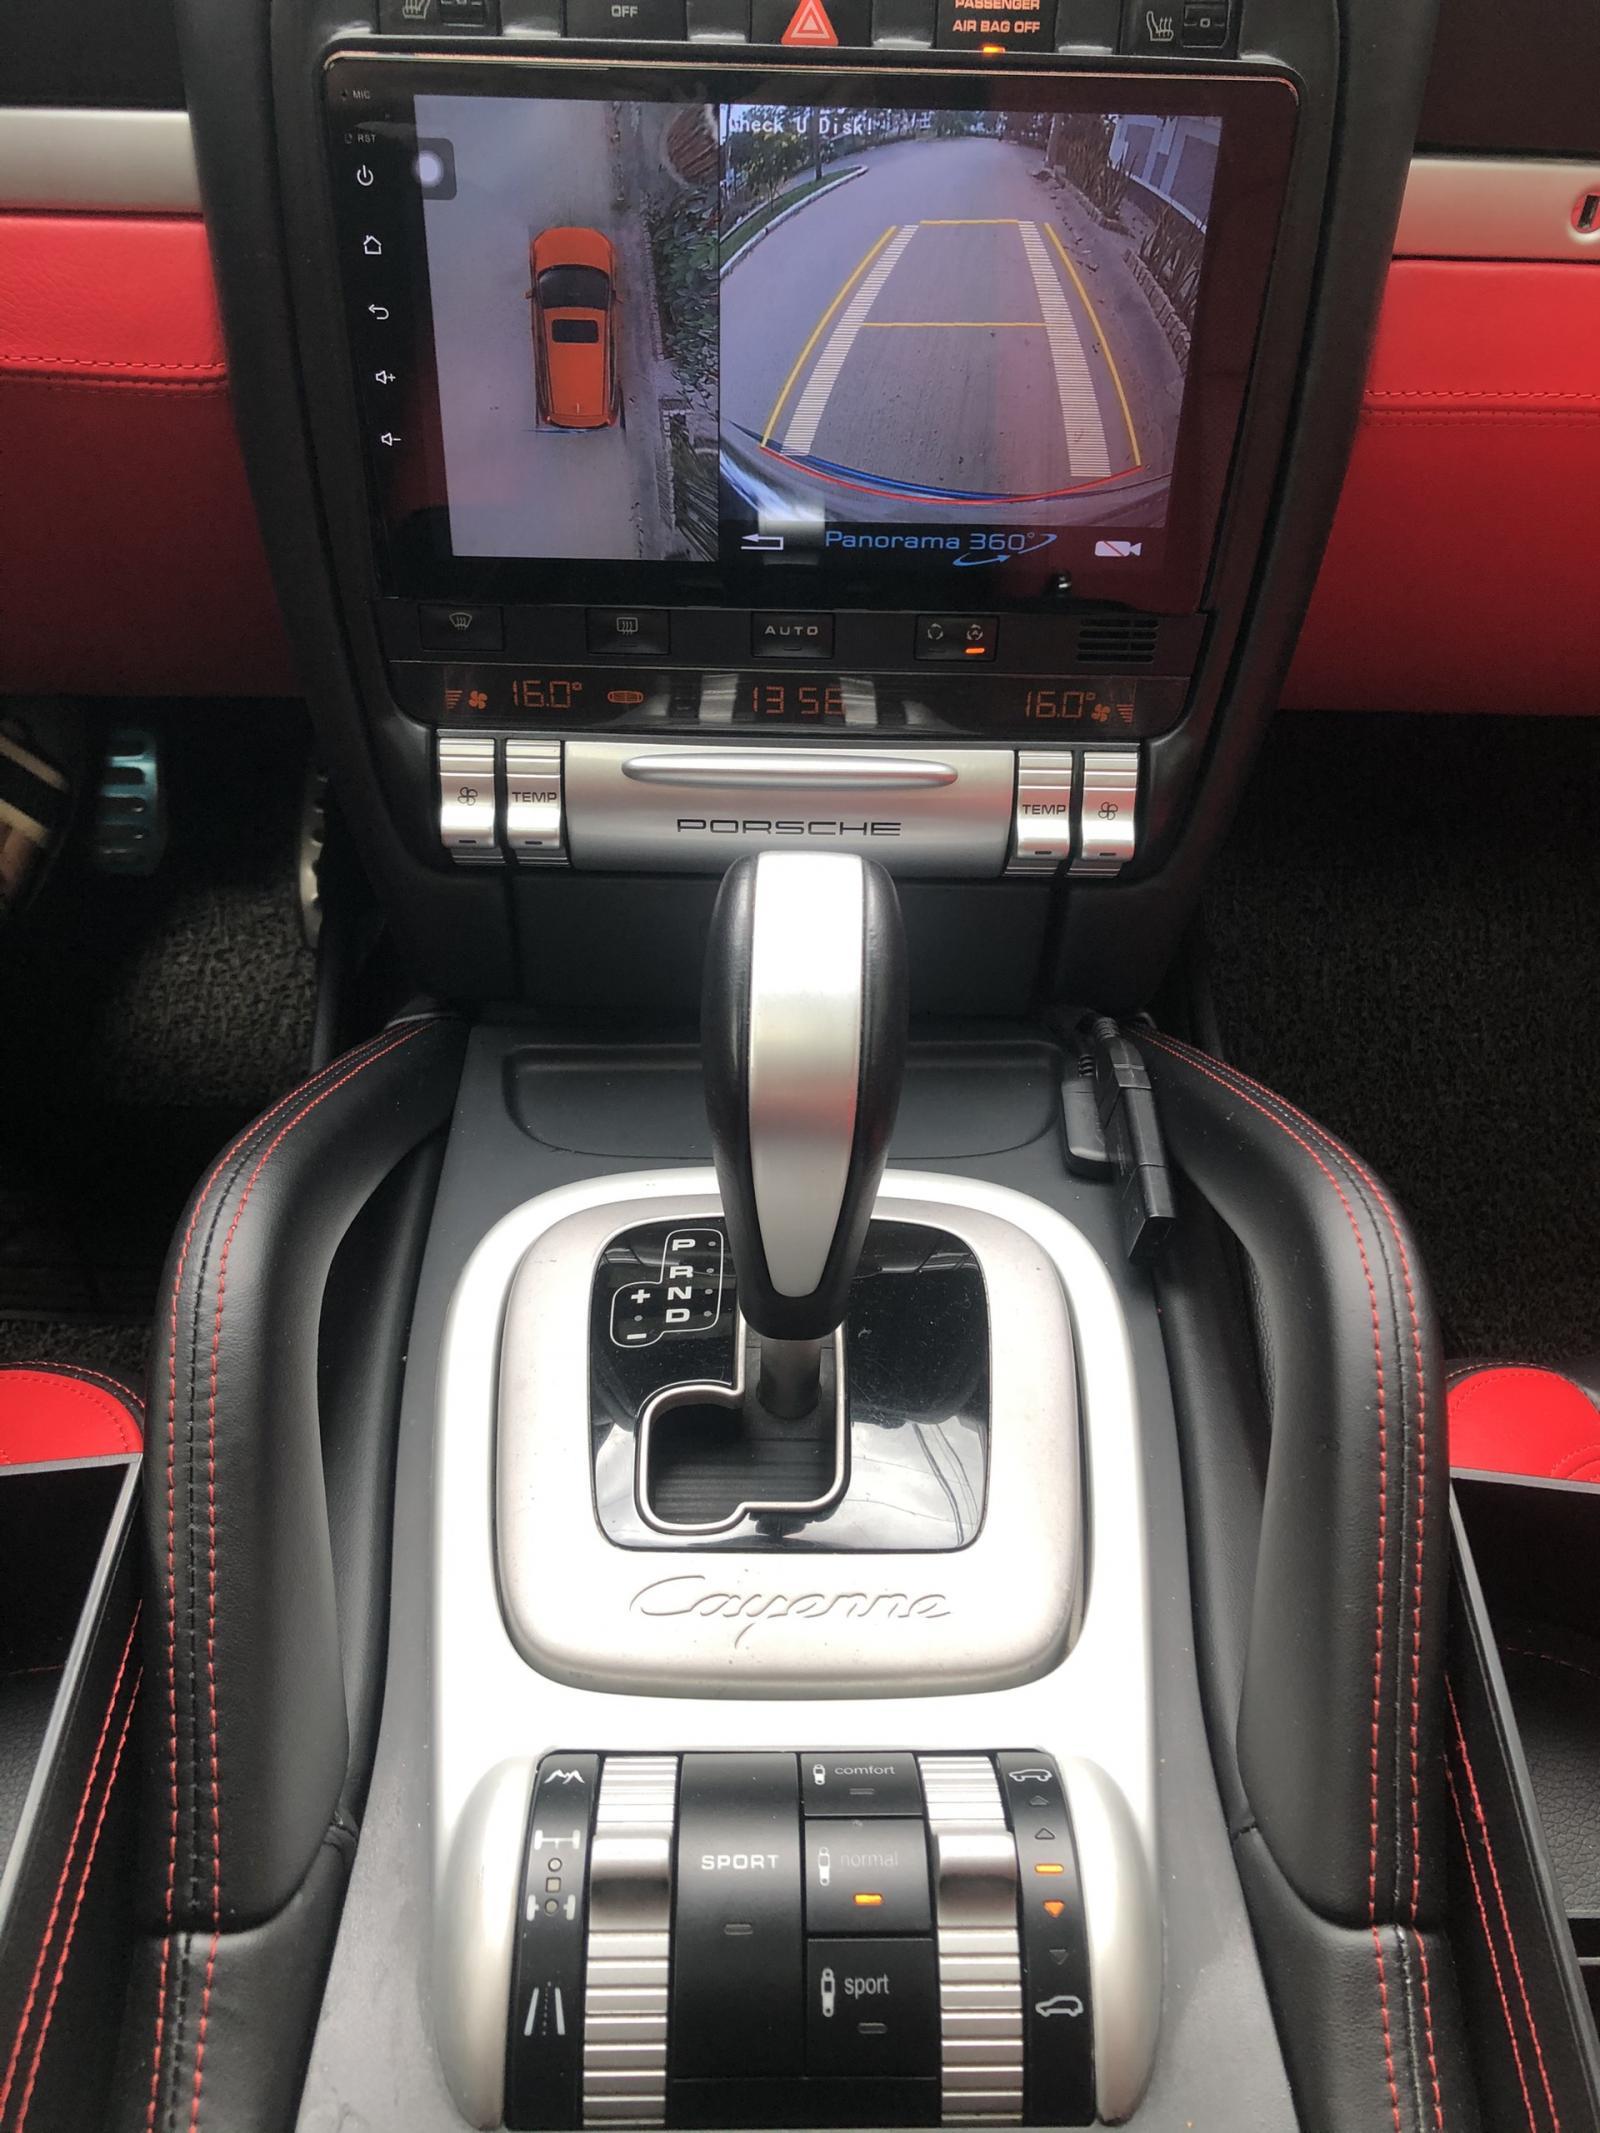 Chính chủ cần bán Porsche Cayenne GTS 5.0 đăng kí 2011